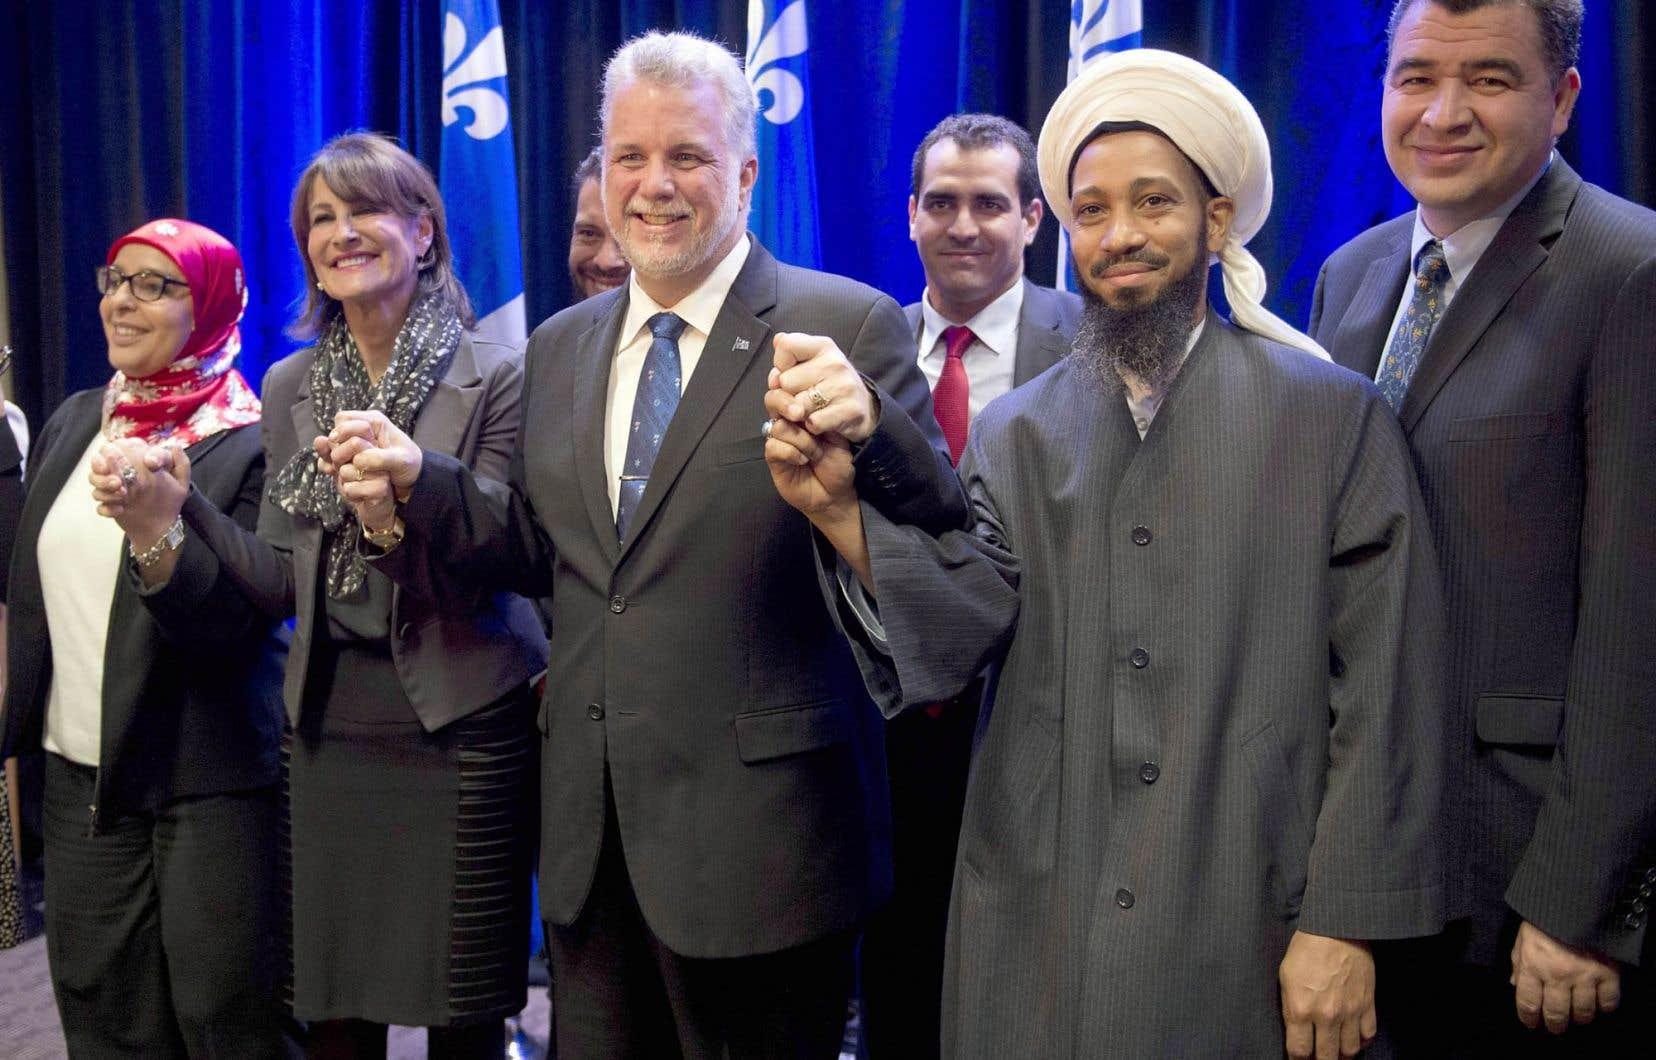 Les différents membres de la communauté musulmane ont tous été appelés à prendre part à ce dialogue.